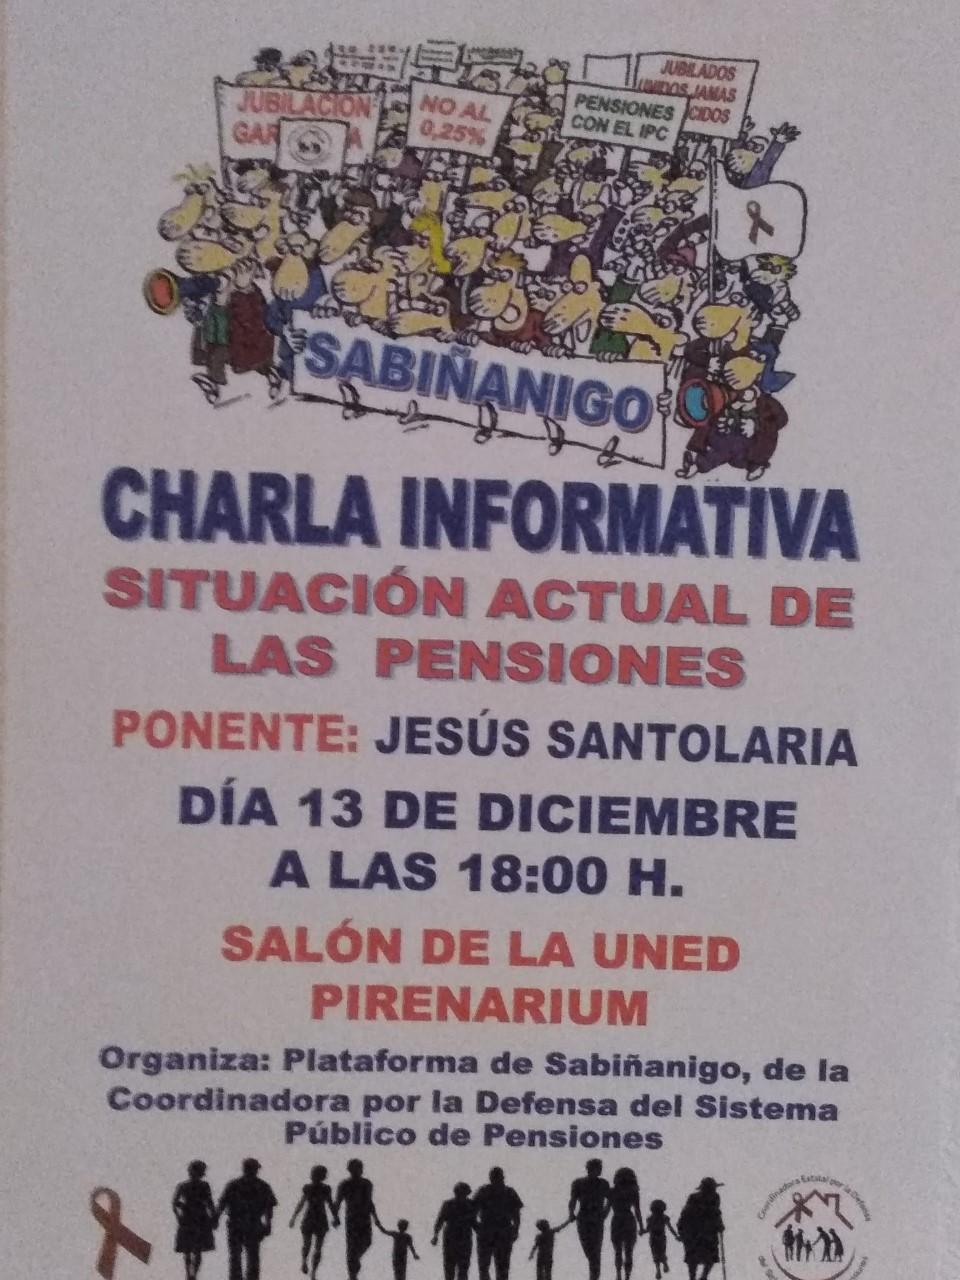 PENSIONES. CHARLA INFORMATIVA EN SABIÑANIGO. VIERNES 13